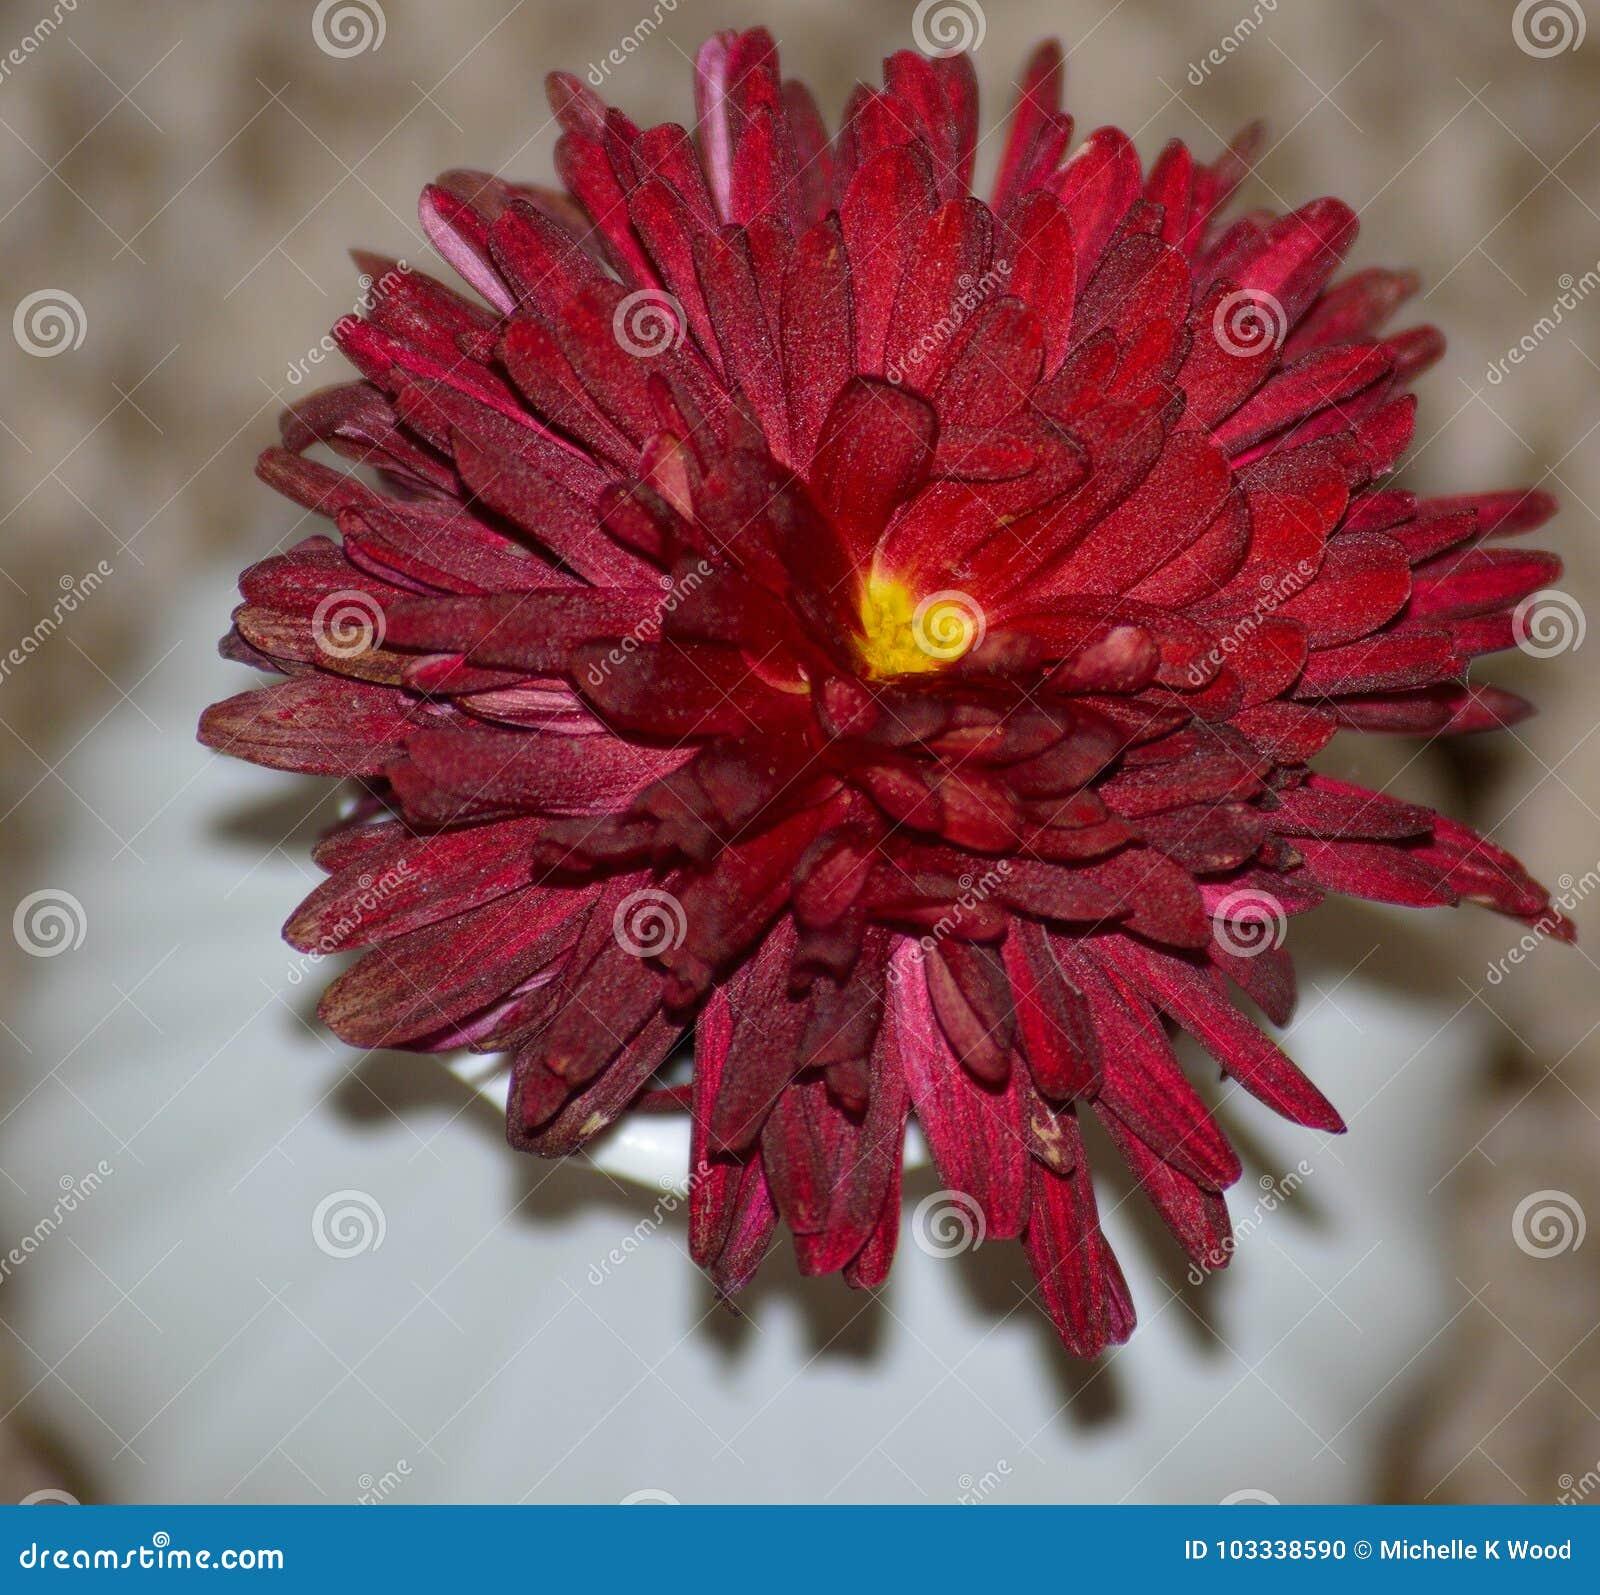 Fleur Rouge De Chrysantheme Centree Par Coeur Photo Stock Image Du